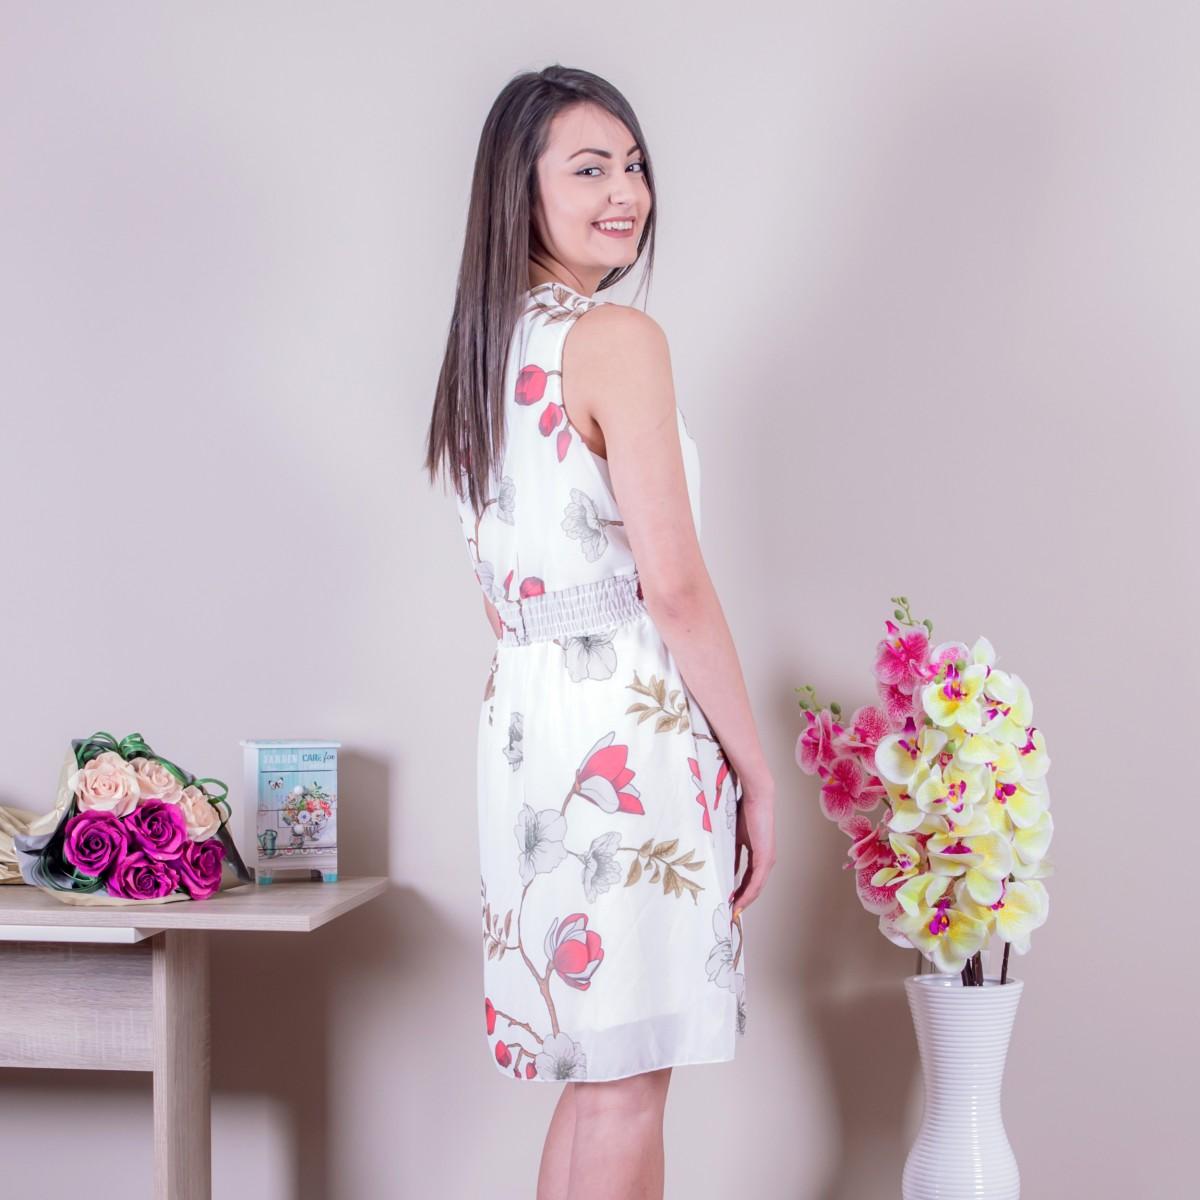 Ежедневна дамска рокля в бяло Снимка 2 от 2